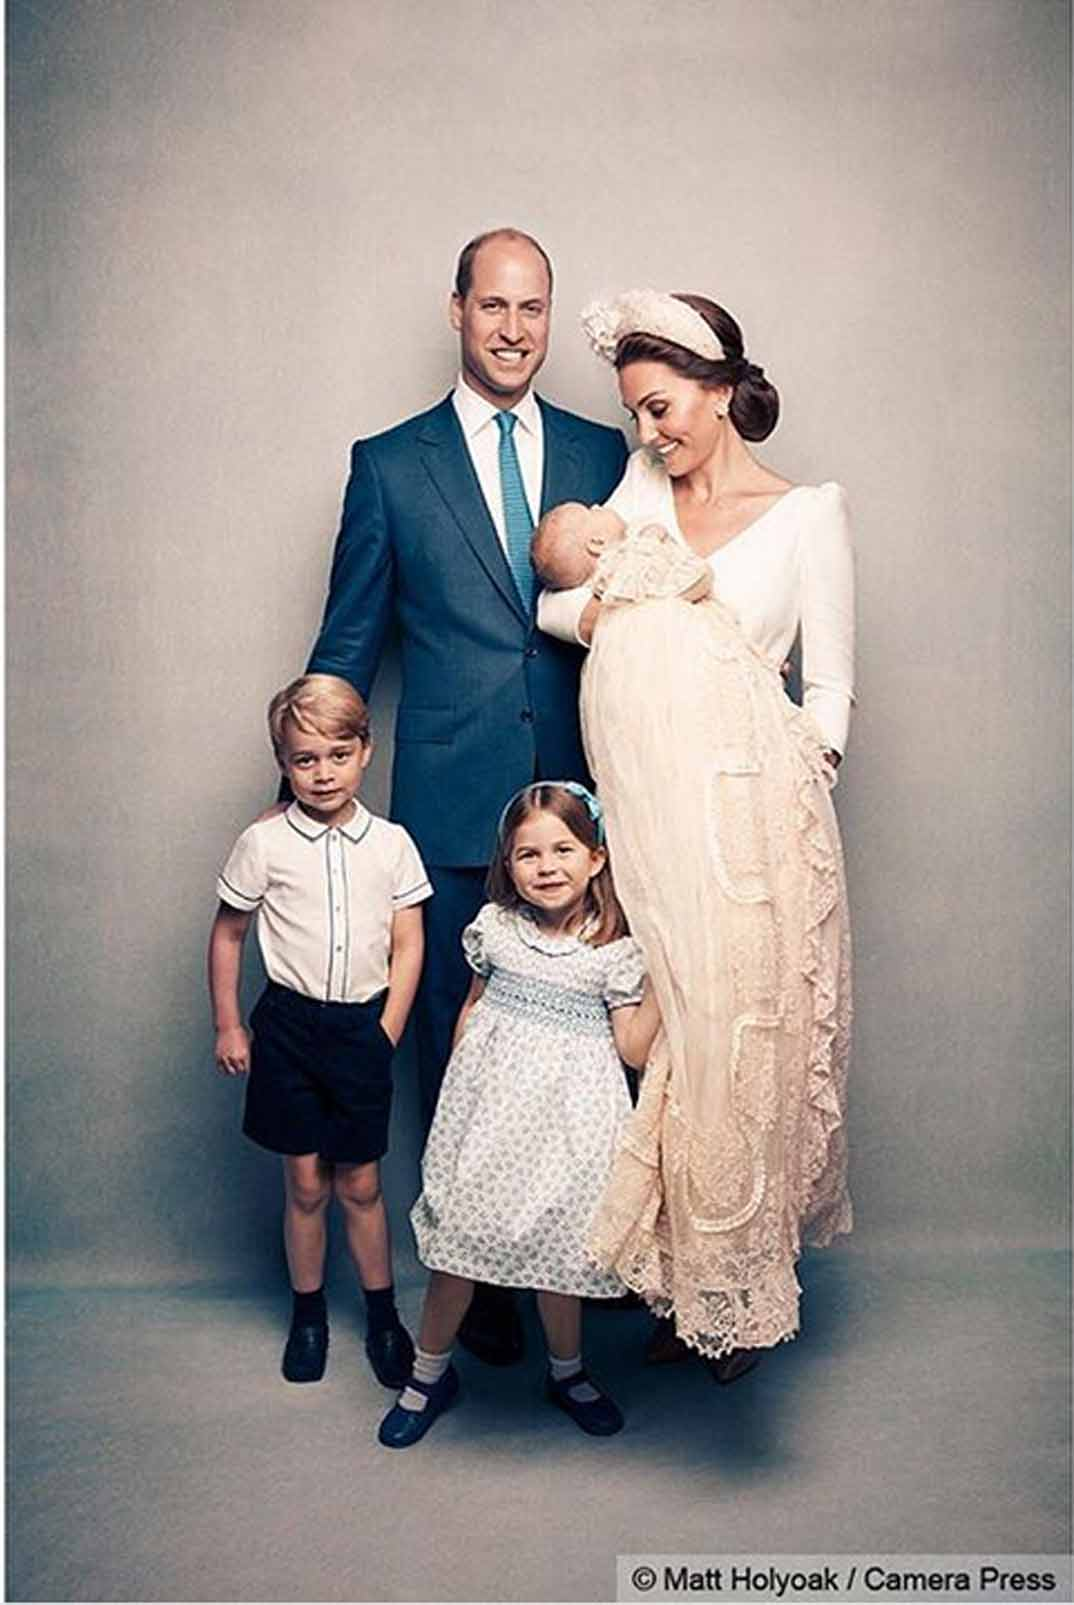 Los Duques de Cambridge con sus tres hijos - Bautizo príncipe Louis - 15/07/2018 - Foto Oficial © Instagram/ Kesington Palace